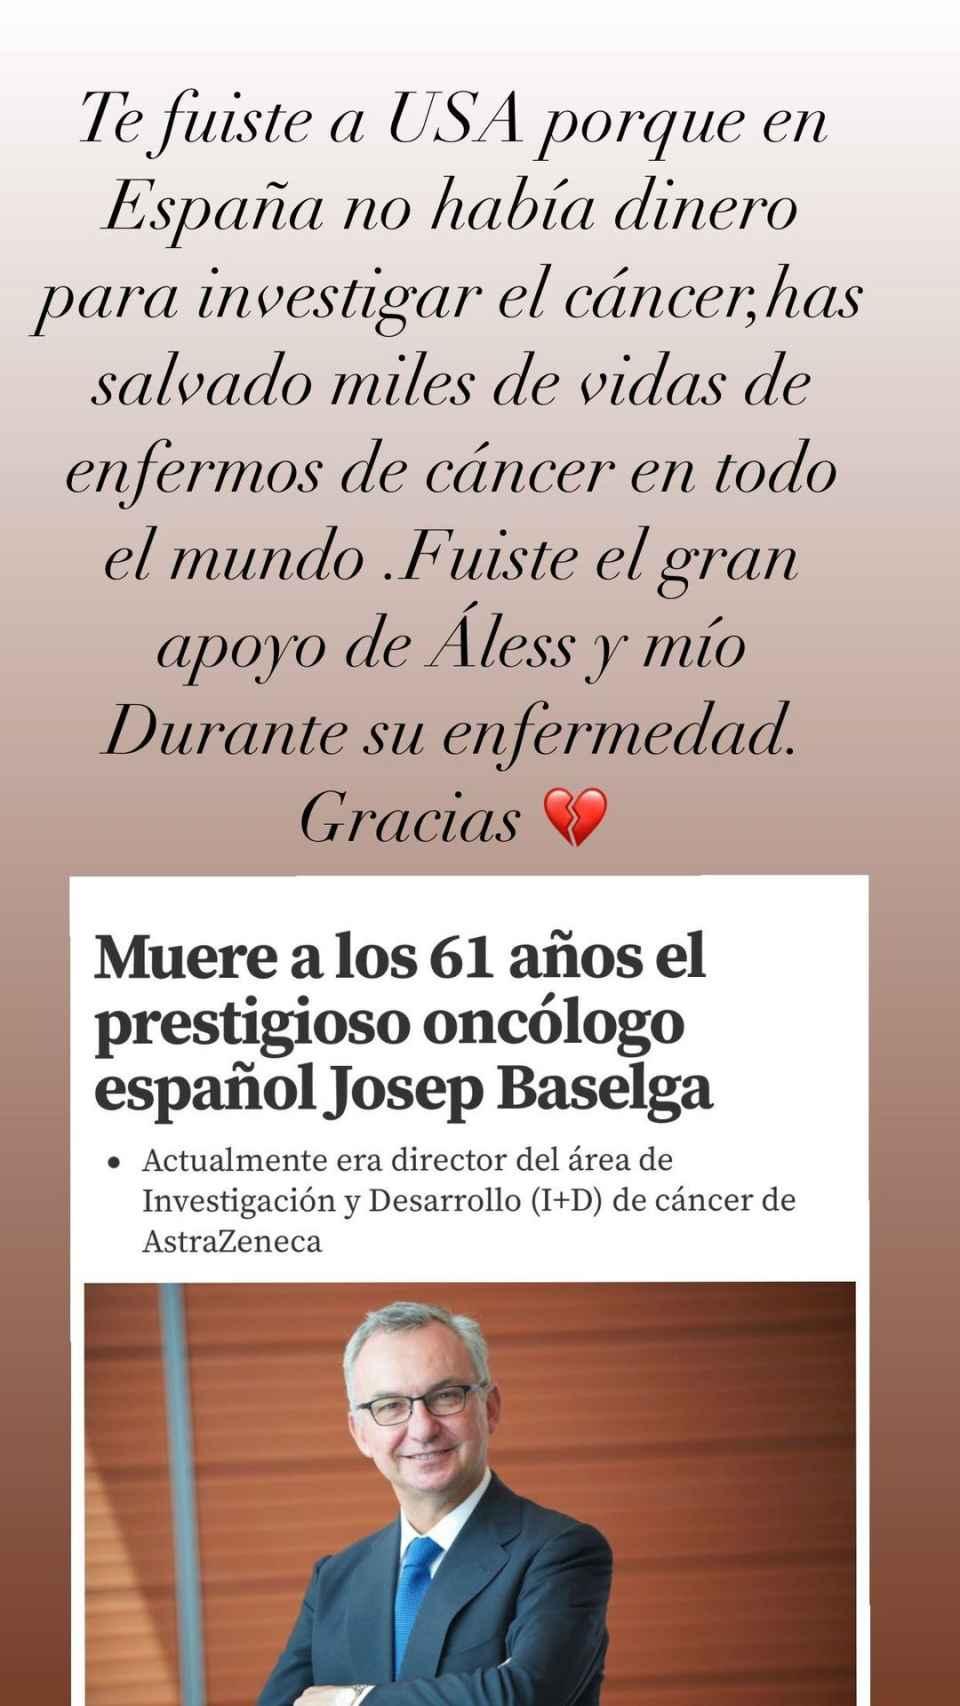 Esta es la imagen compartida por Obregón para despedirse del oncólogo.